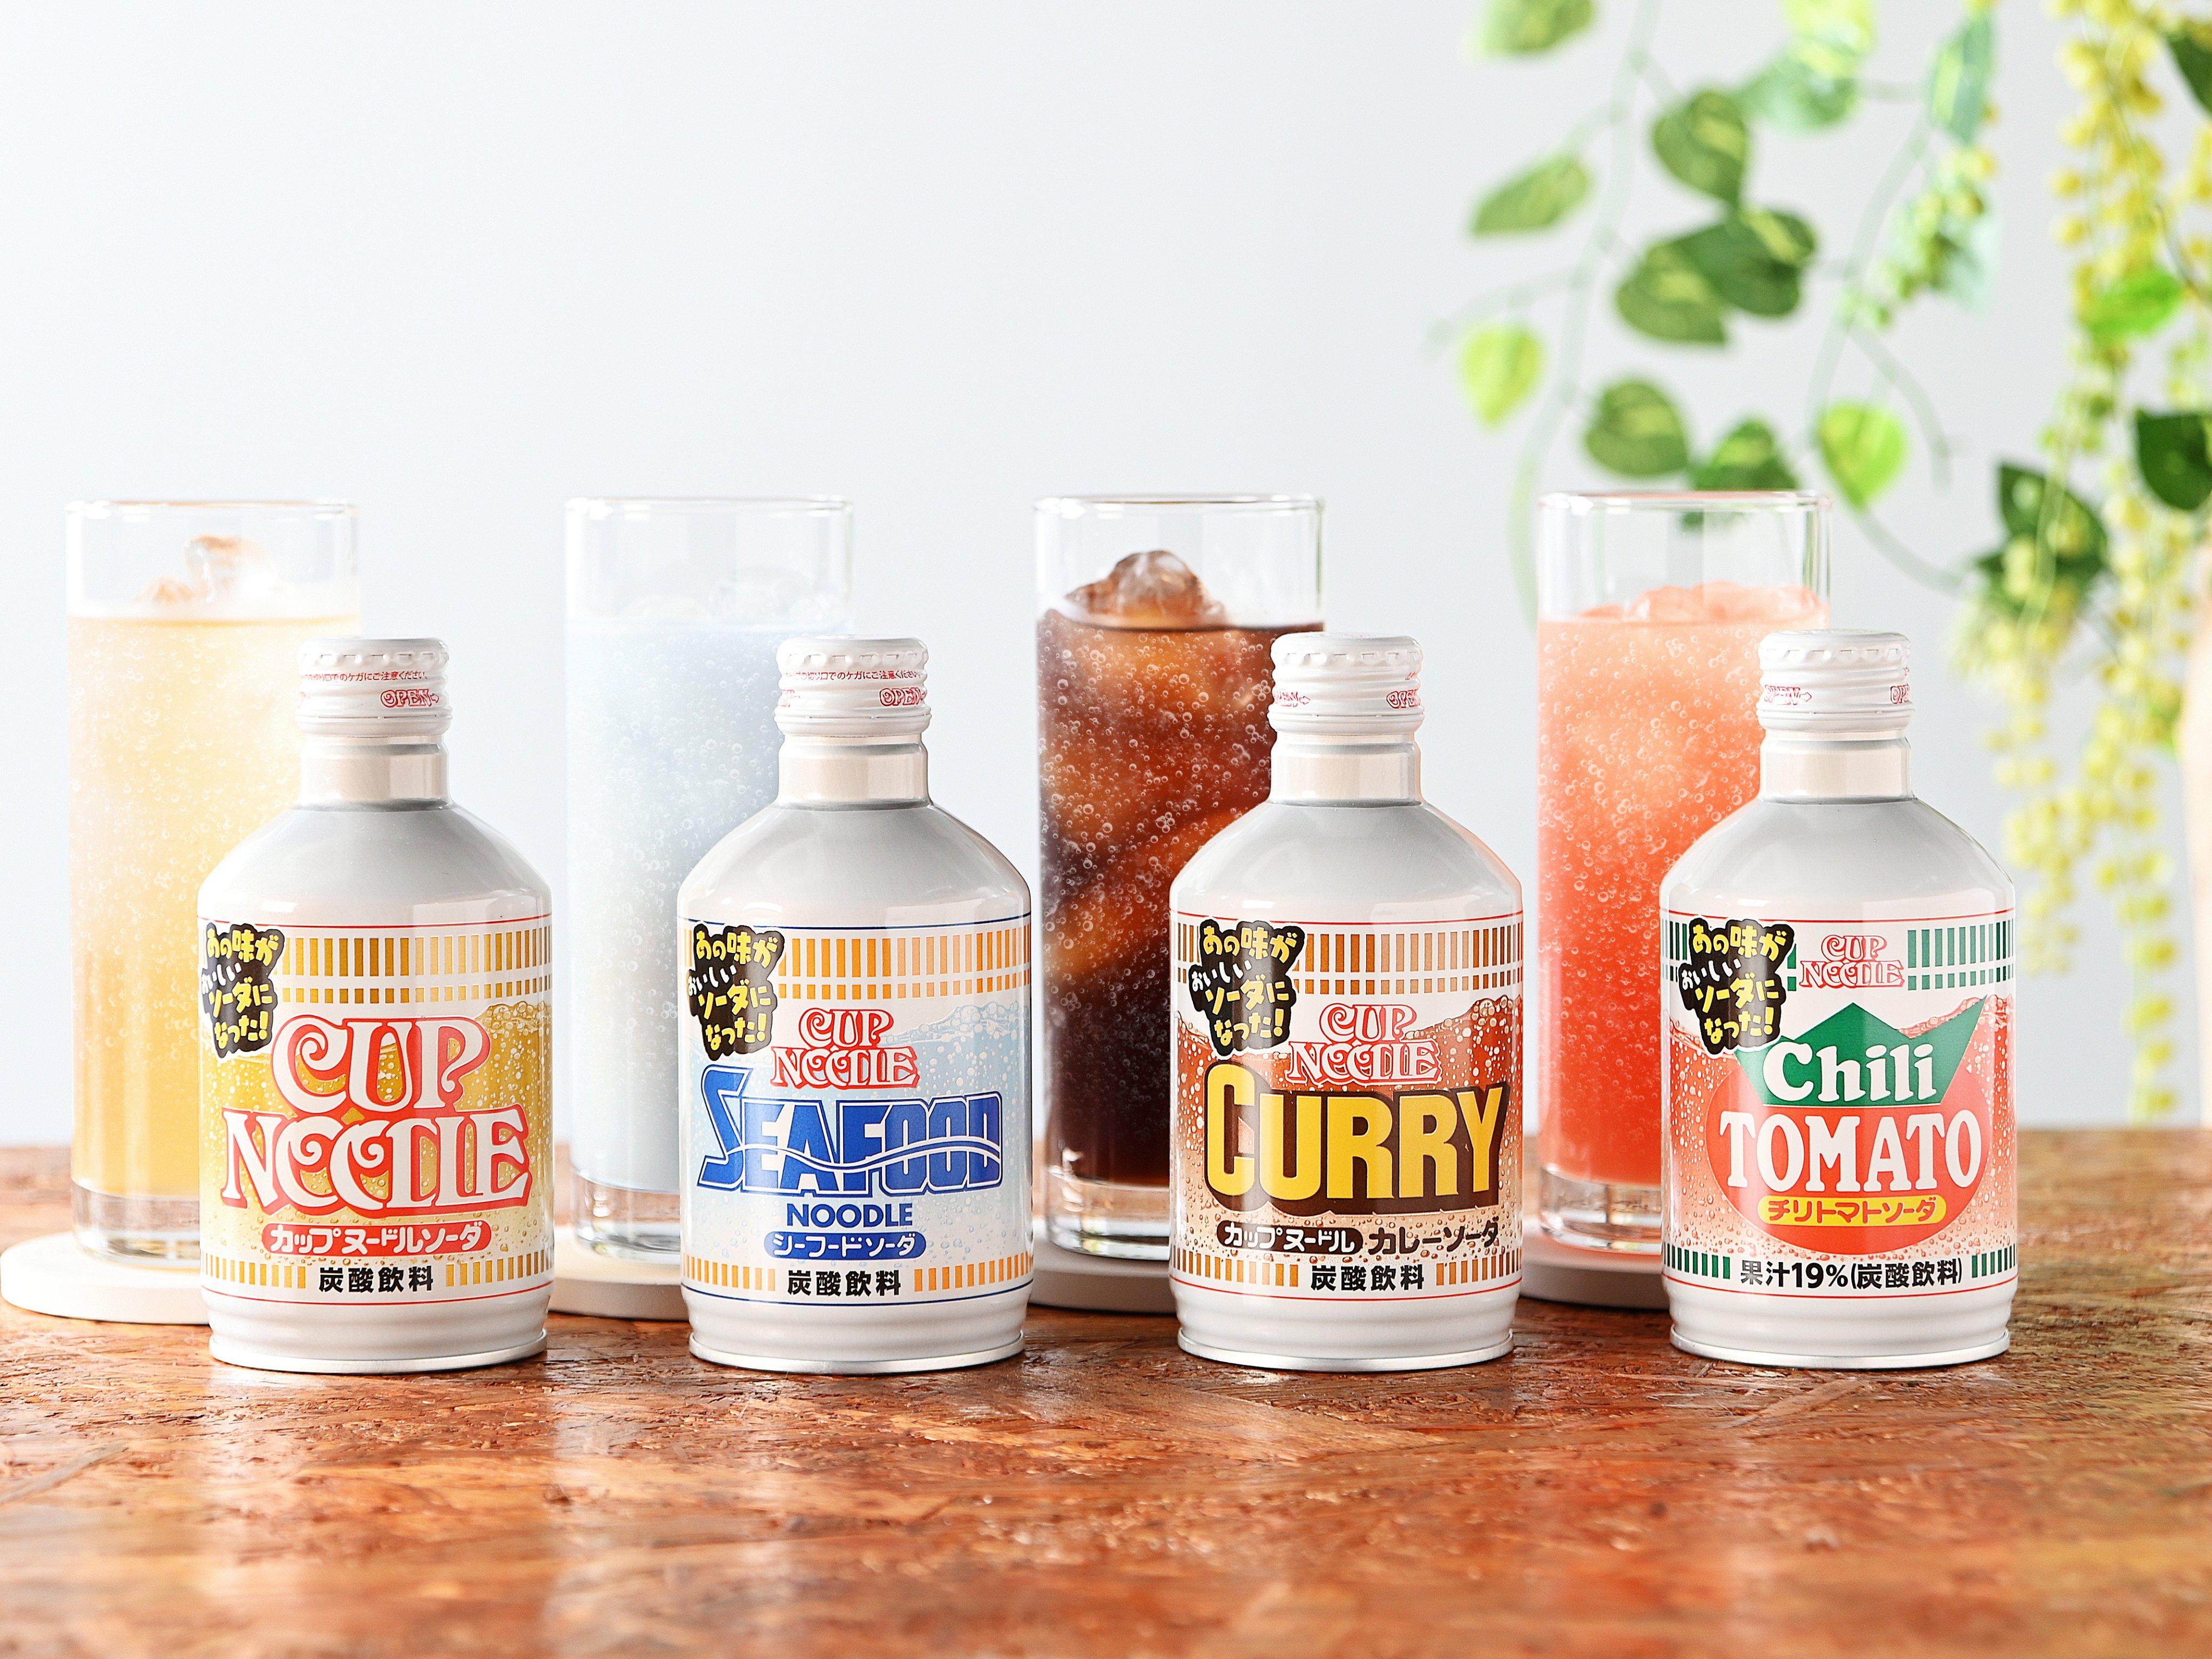 日清食品公司(Nissin Foods)为庆祝上市50周年,推出4种杯面口味的汽水!-图取自日清食品推特-